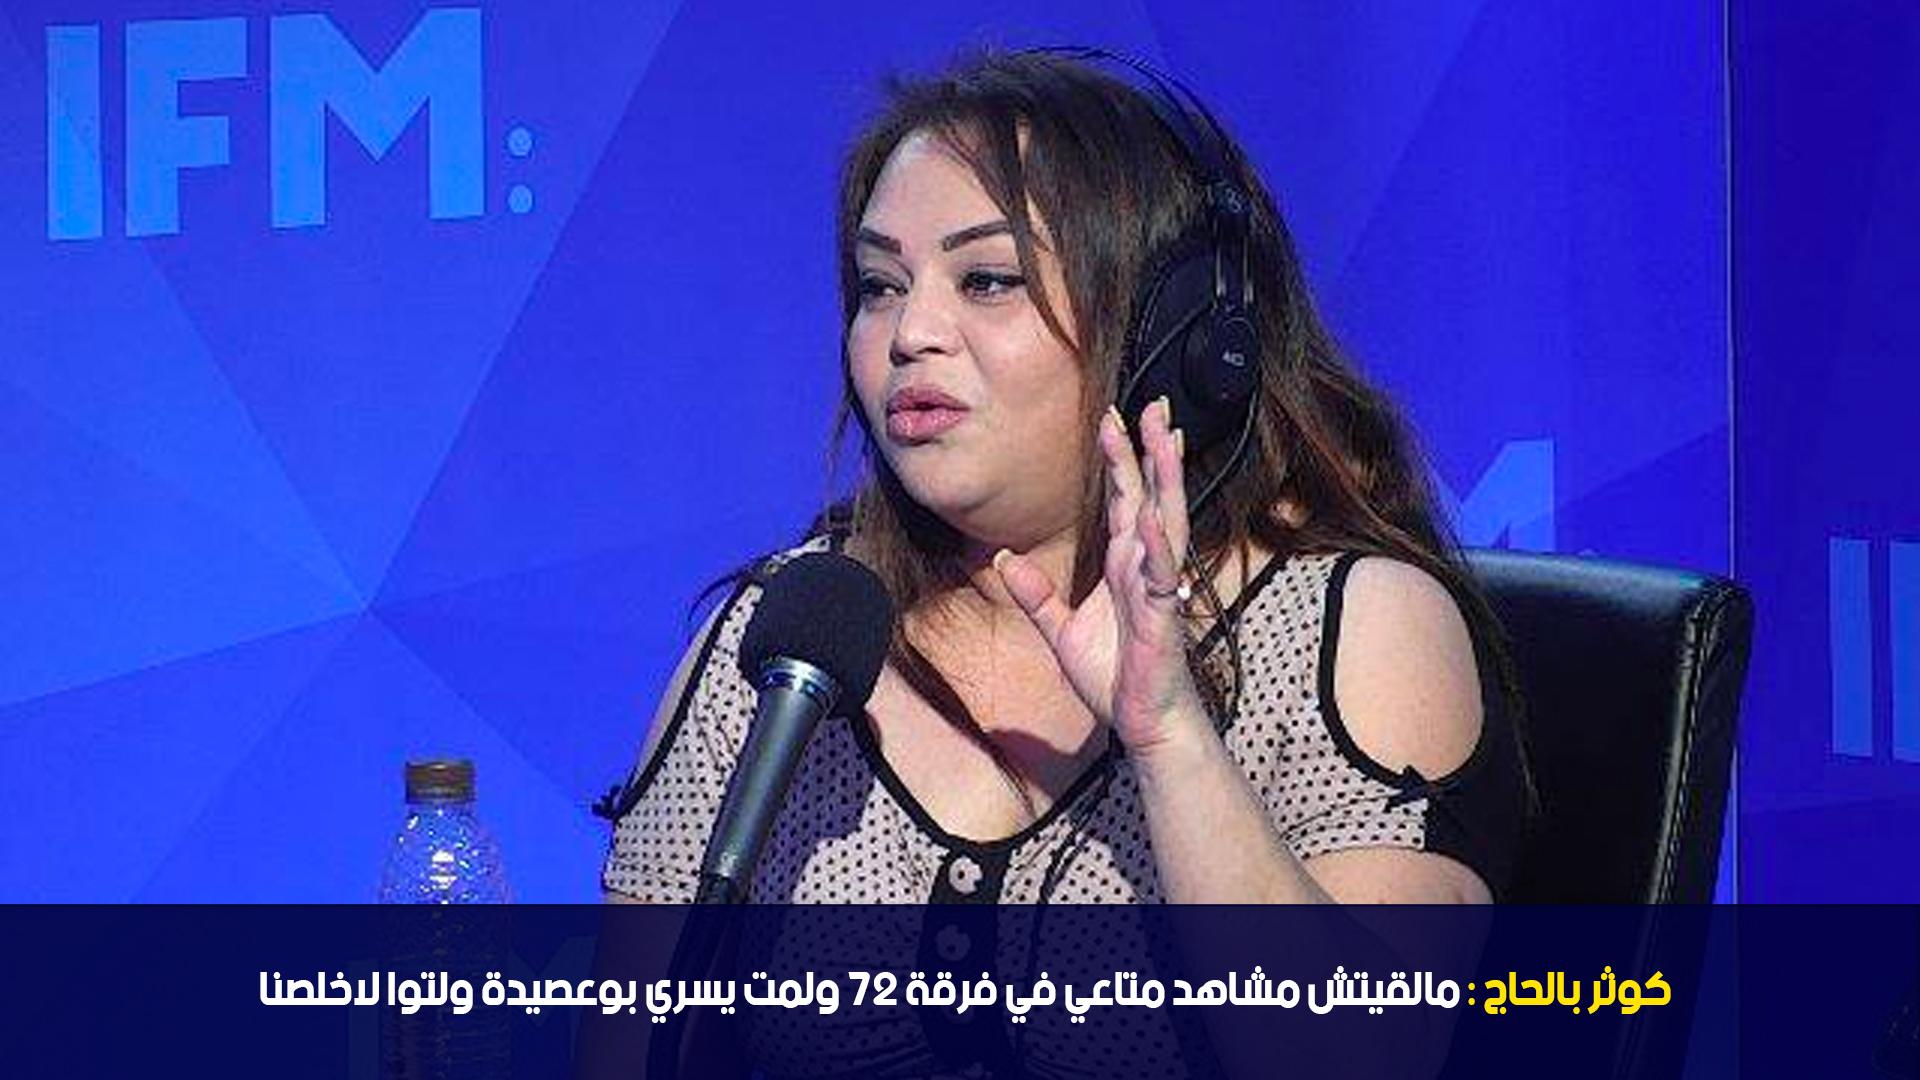 كوثر بالحاج: مالقيتش مشاهد متاعي في فرقة 27 ولمت يسري بوعصيدة ولتوا لاخلصنا